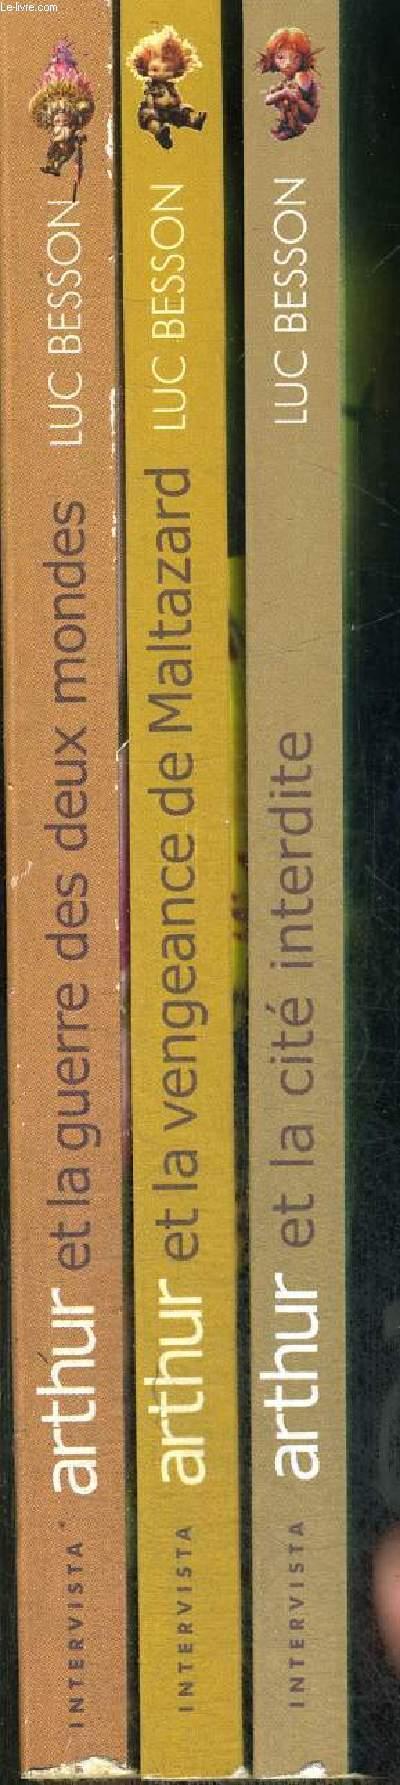 ARTHUR ET LES MINIMOYS : 3 VOLUMES : ARTHUR ET LA GUERRE DES DEUX MONDES - ARTHUR ET LA VENGEANCE DE MALTAZARD - ARTHUR ET LA CITE INTERDITE